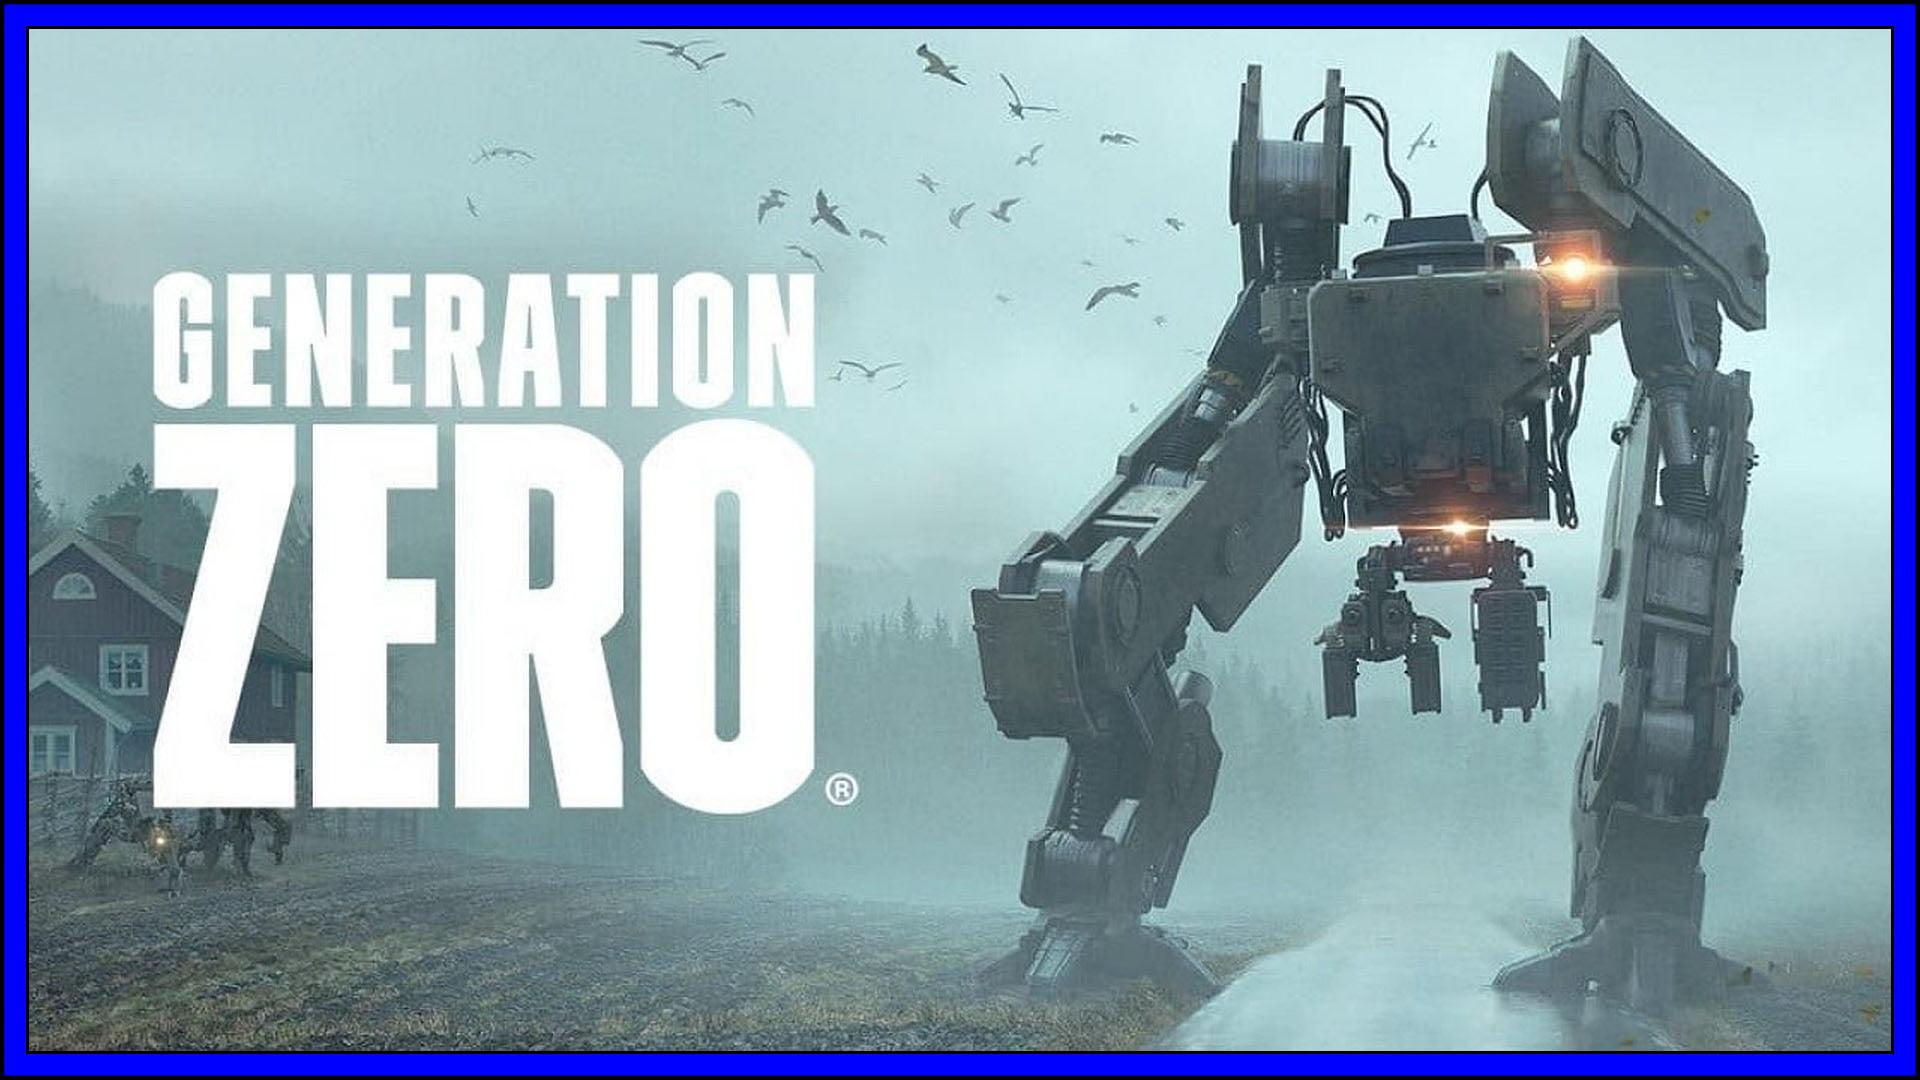 Generation Zero Fi3